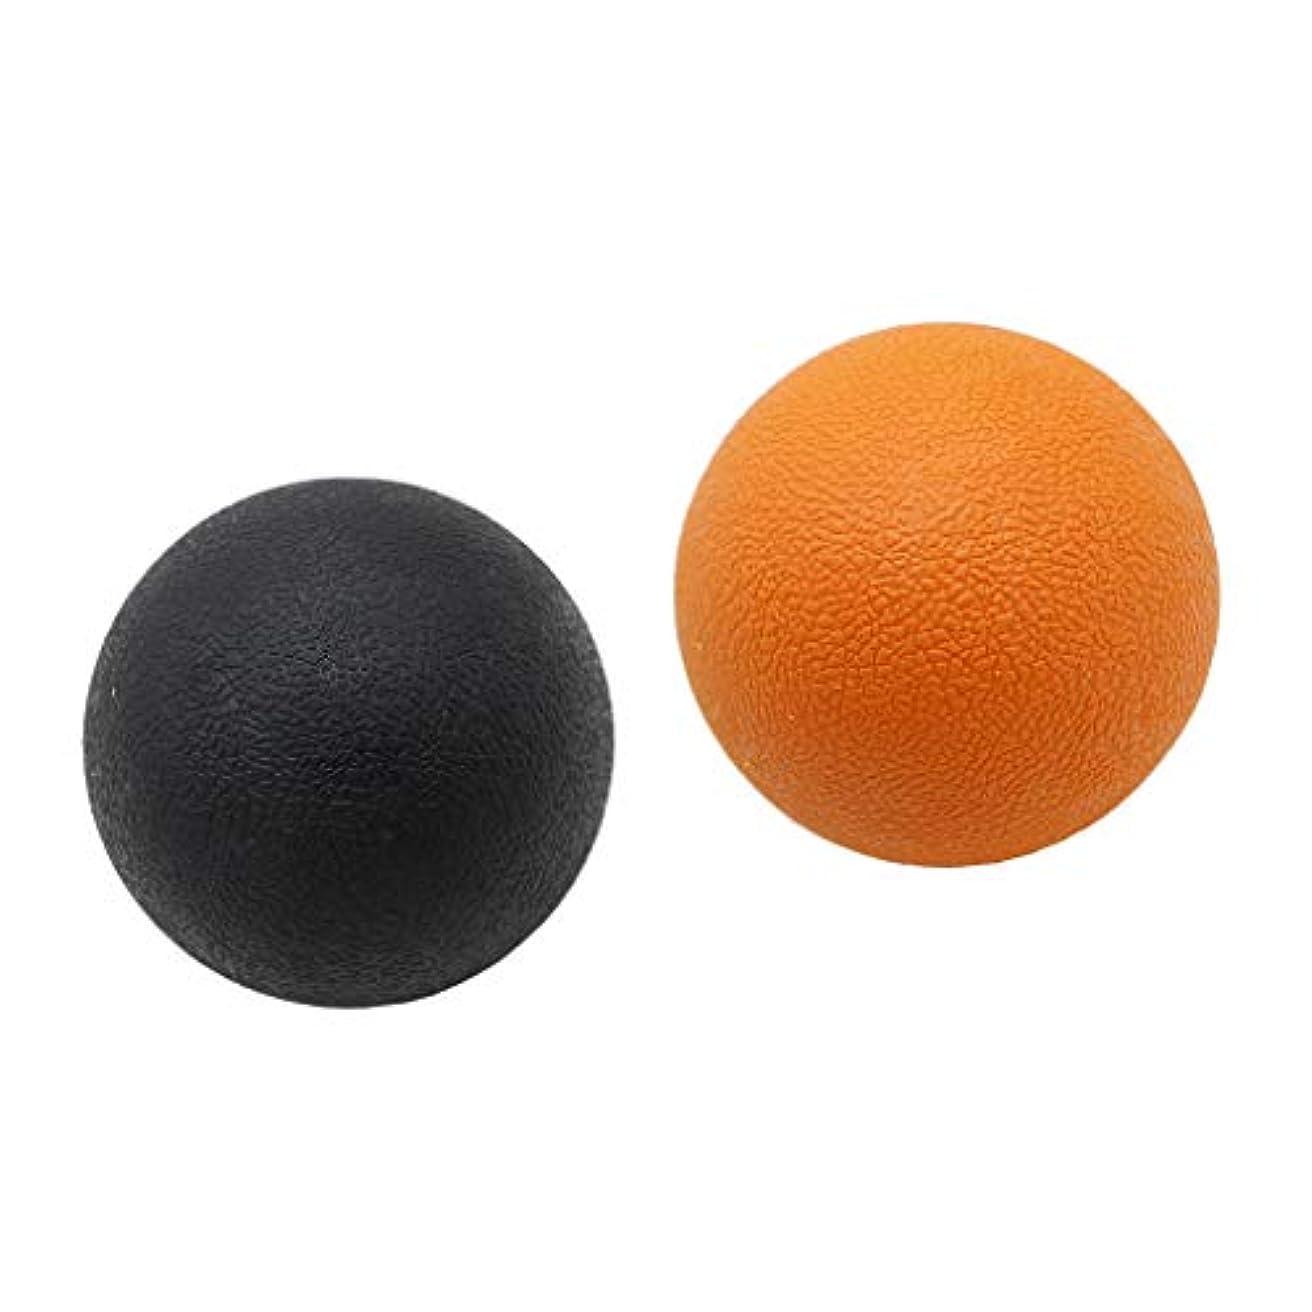 P Prettyia マッサージボール トリガーポイント ストレッチボール トレーニング 背中 肩 腰 マッサージ 多色選べる - オレンジブラック